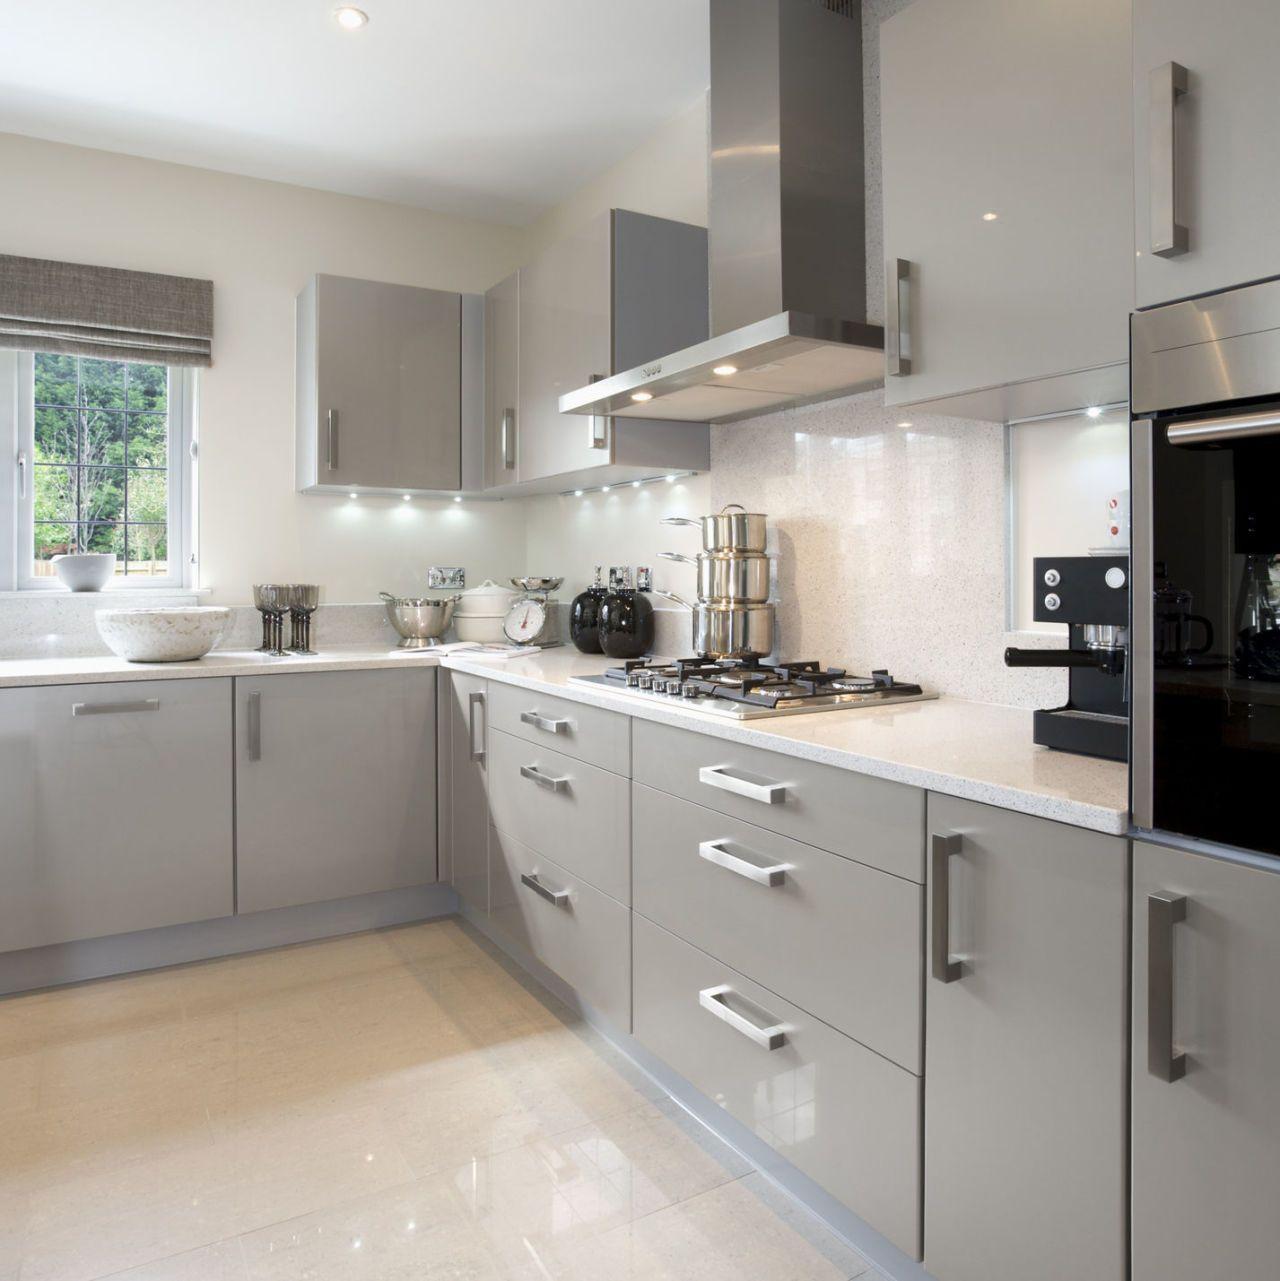 Revamp Kitchen Cupboards Ideas: Hassle-free Kitchen Revamp Ideas